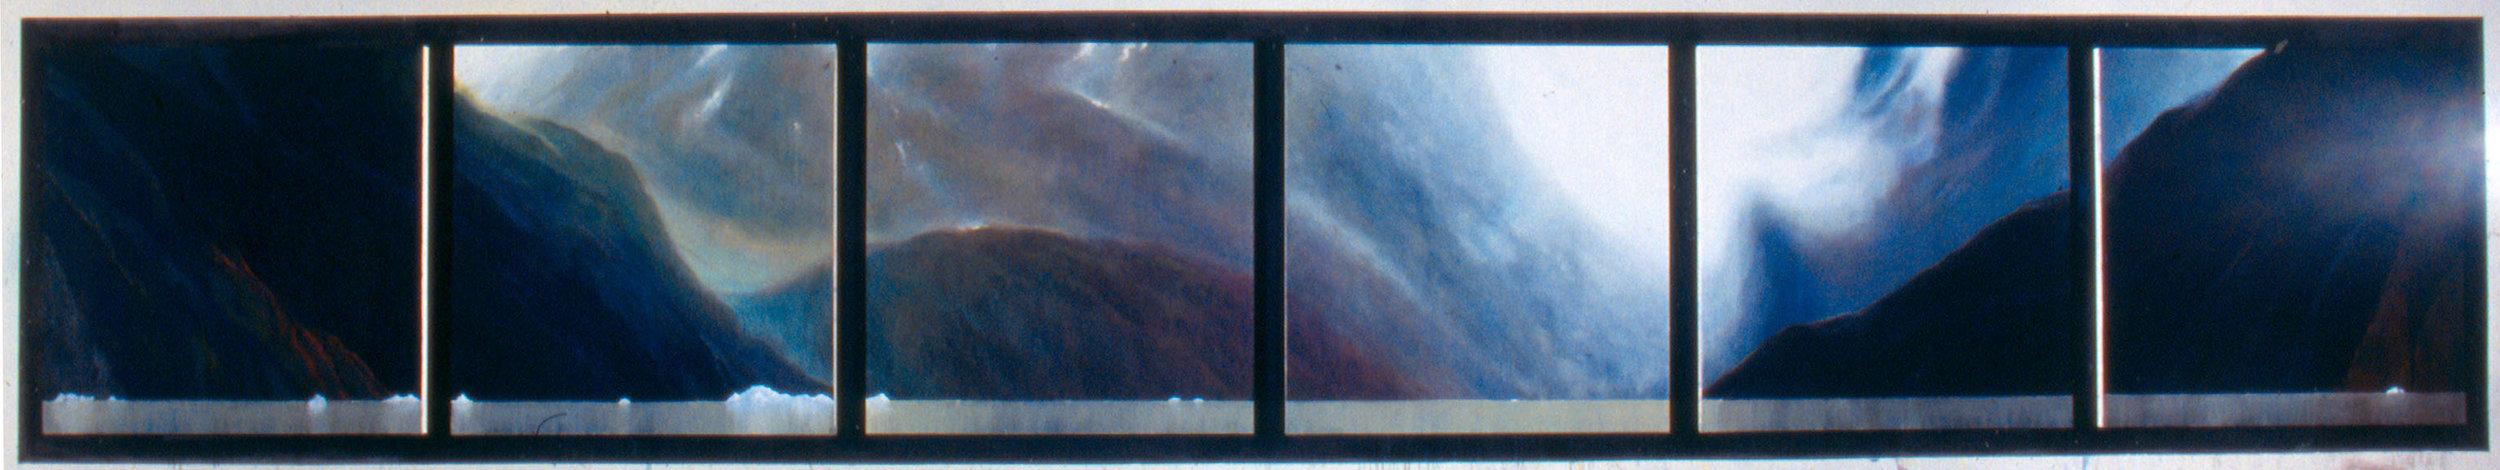 Portage, 2000